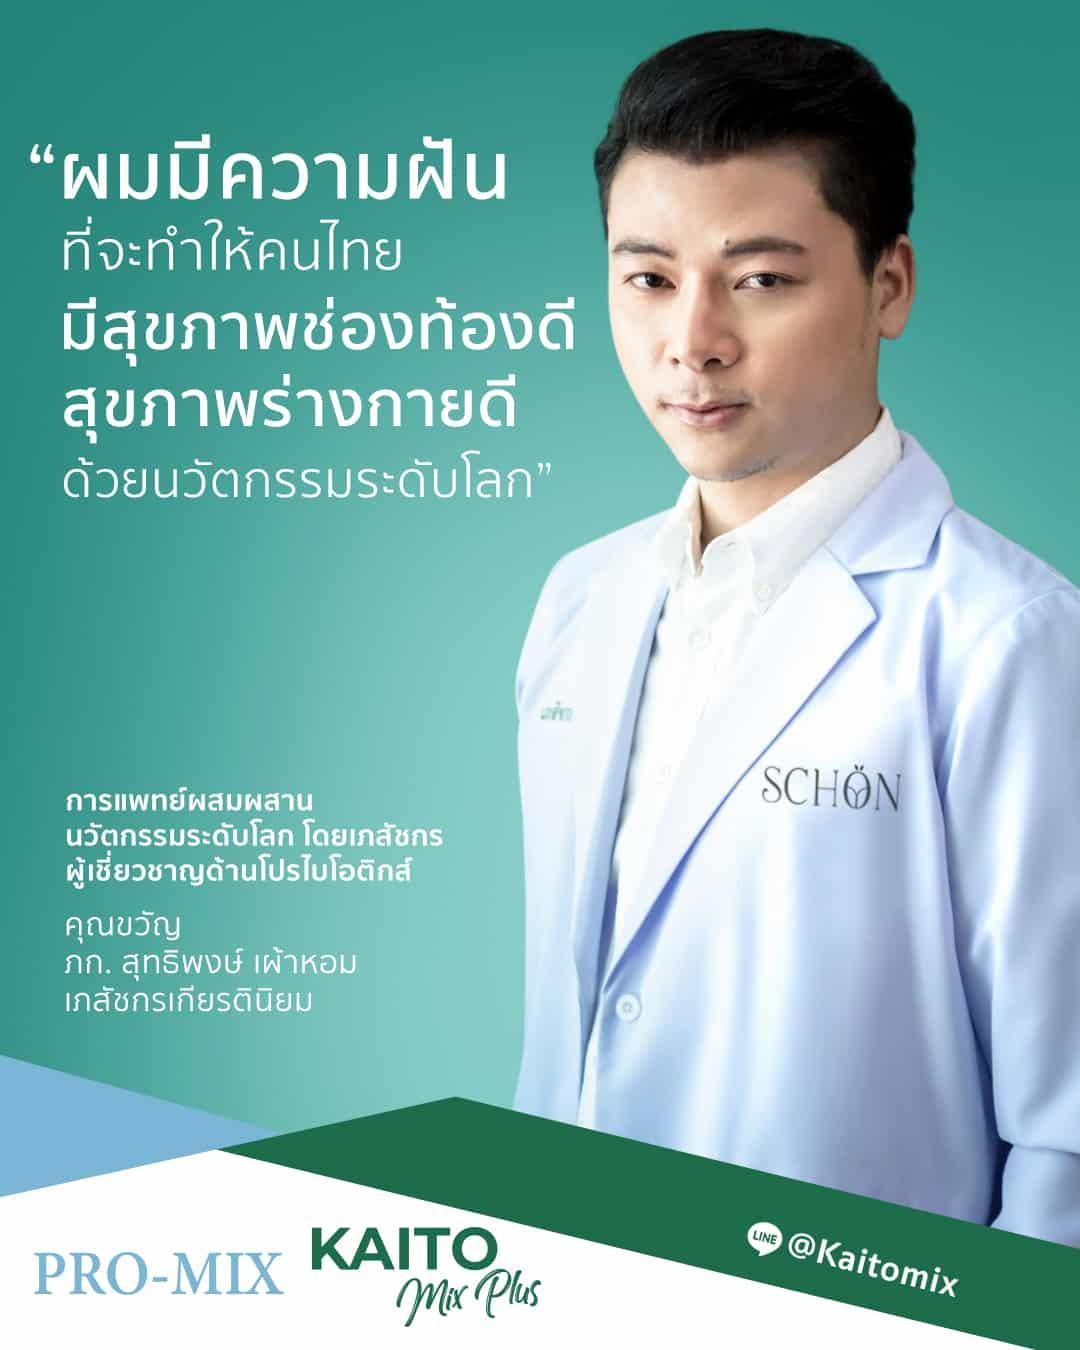 khun-Kwan-1.jpg